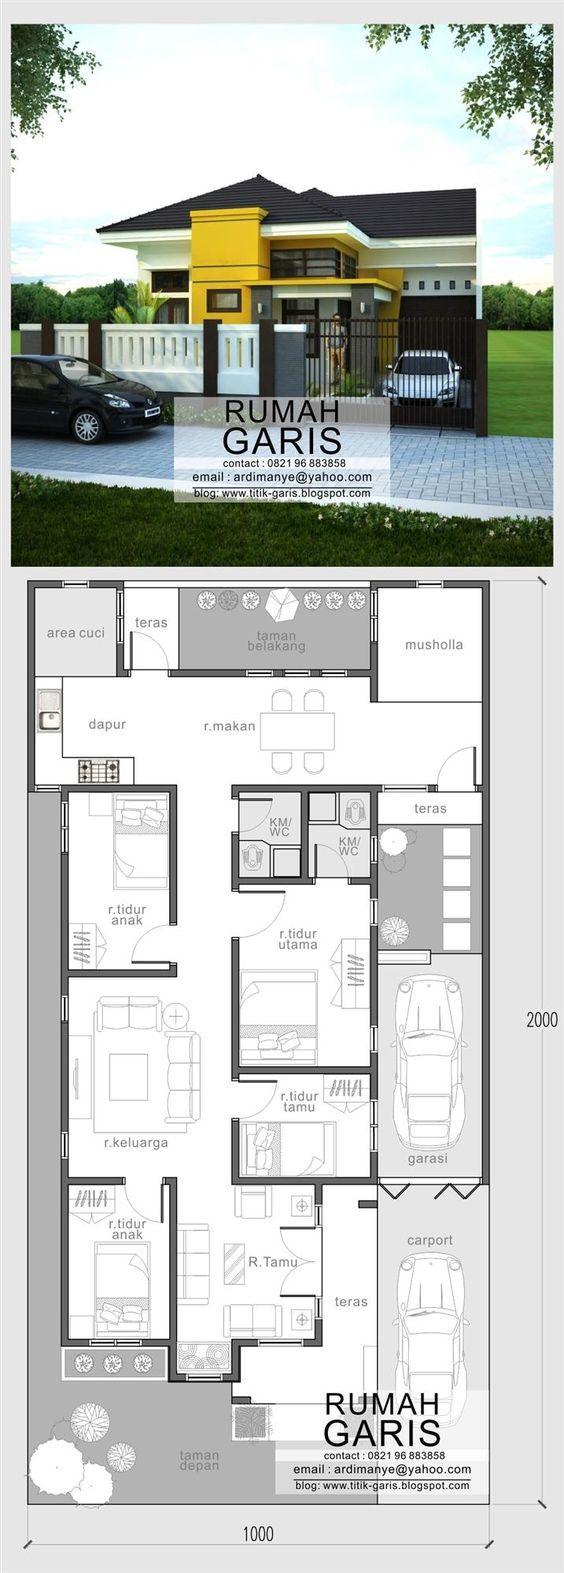 Jasa desain rumah tinggal 1 lantai milik ibu saskiah di kab bone jasa desain rumah tinggal 1 lantai milik ibu saskiah di kab bone sulsel malvernweather Choice Image